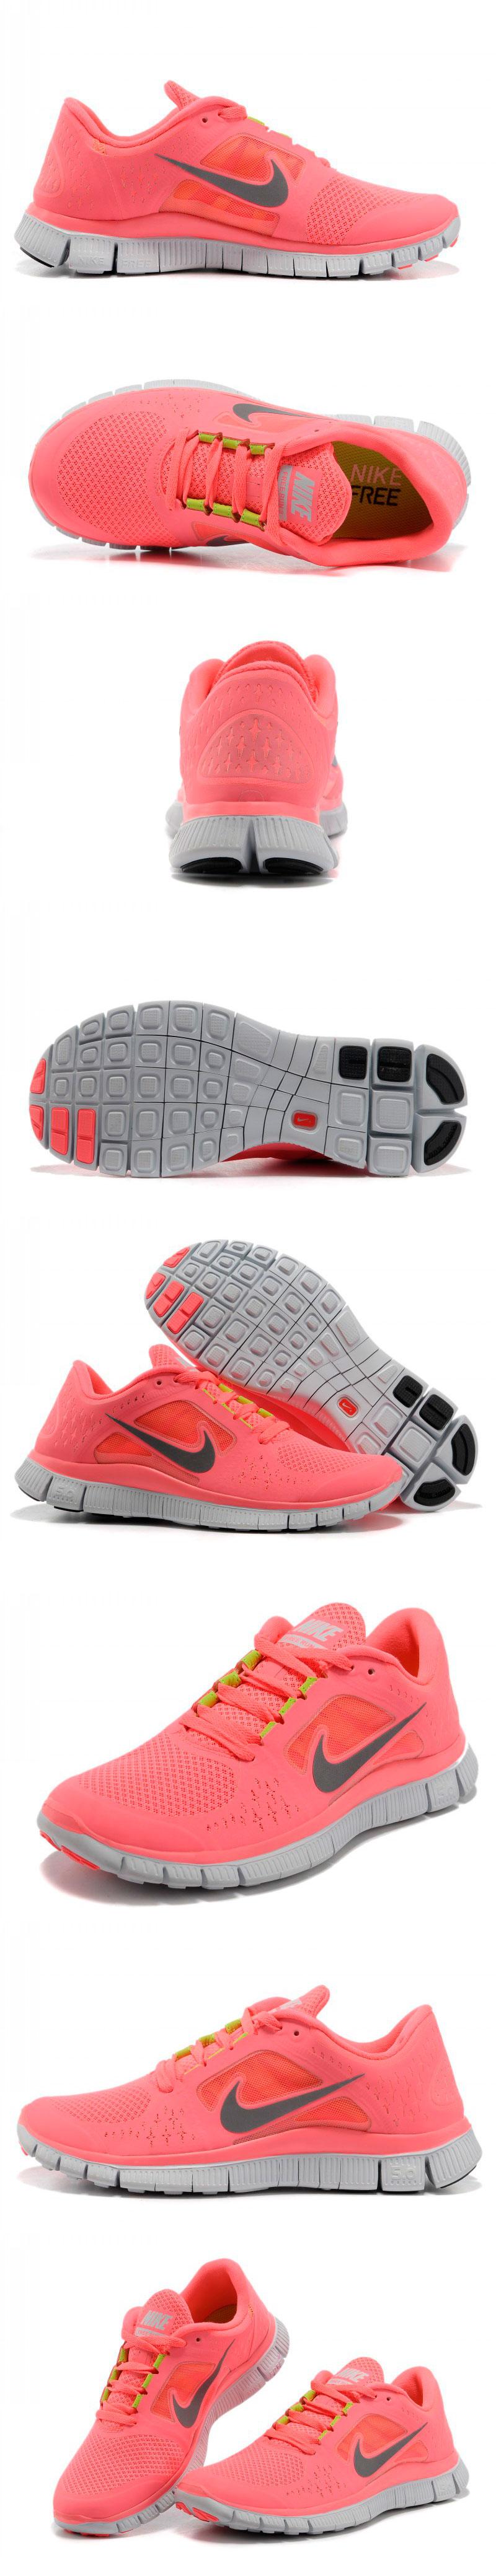 большое фото №6 Женские кроссовки для бега Nike Free Run 3 розовые